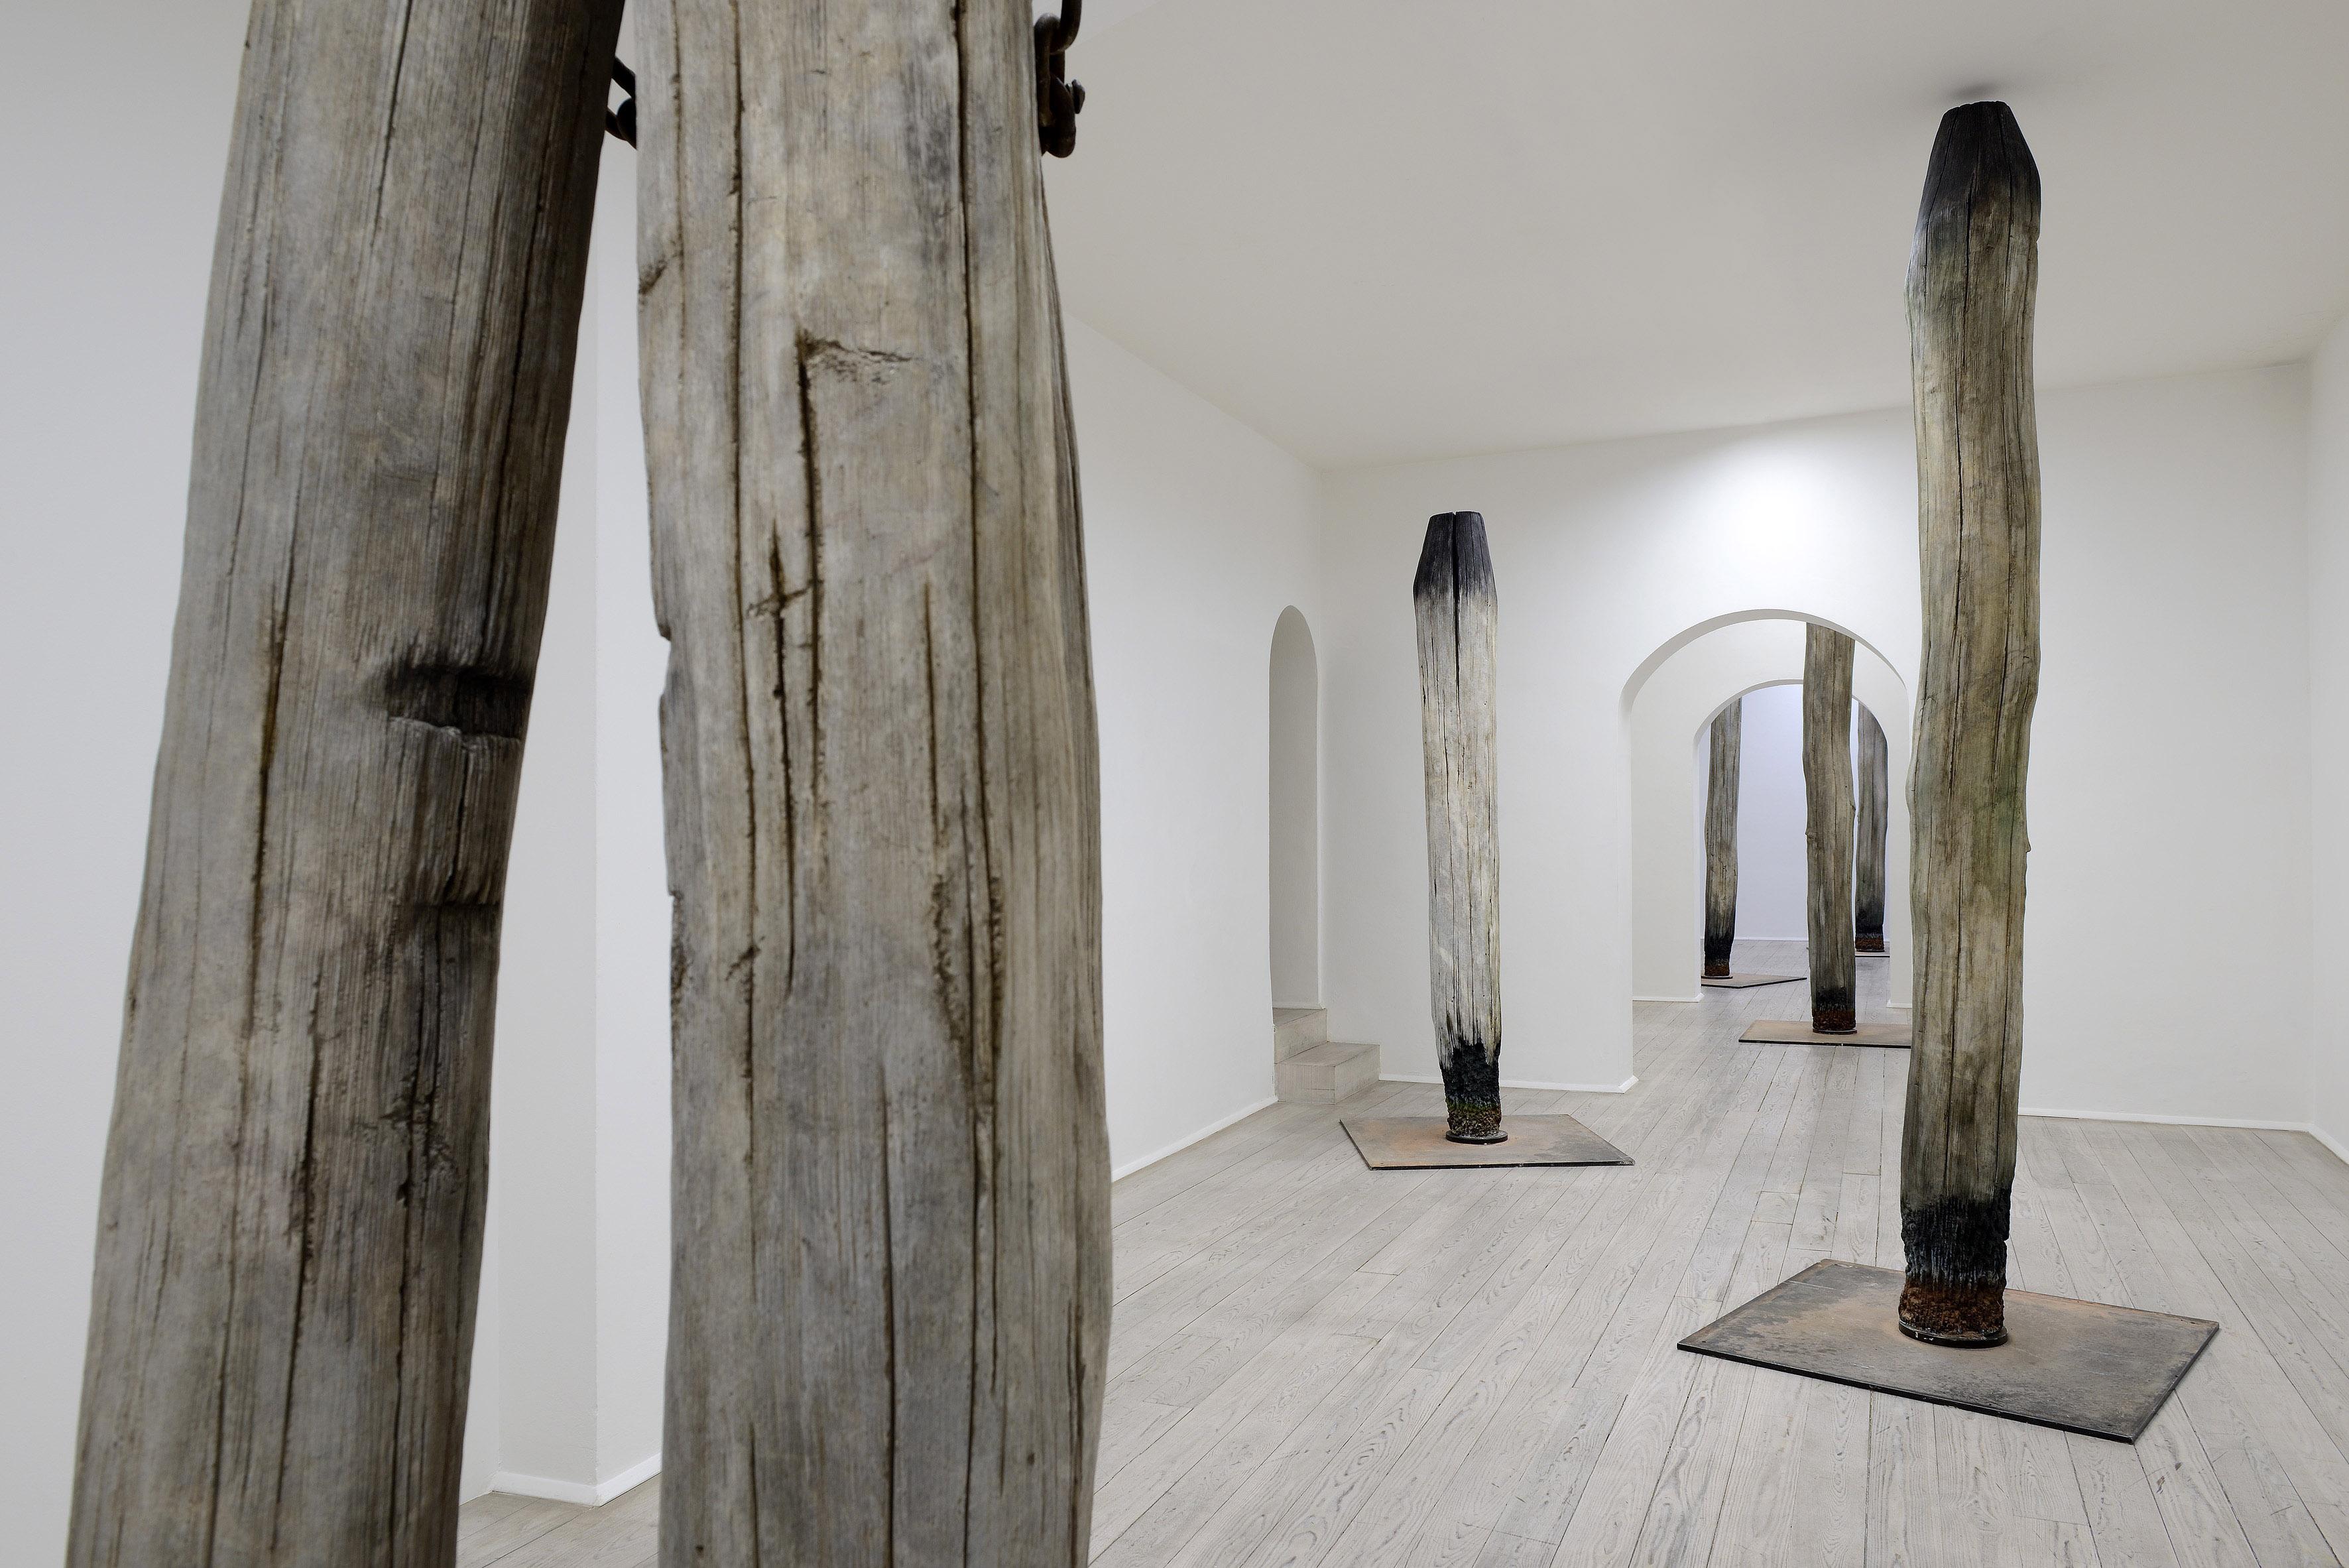 Galleria Poggiali